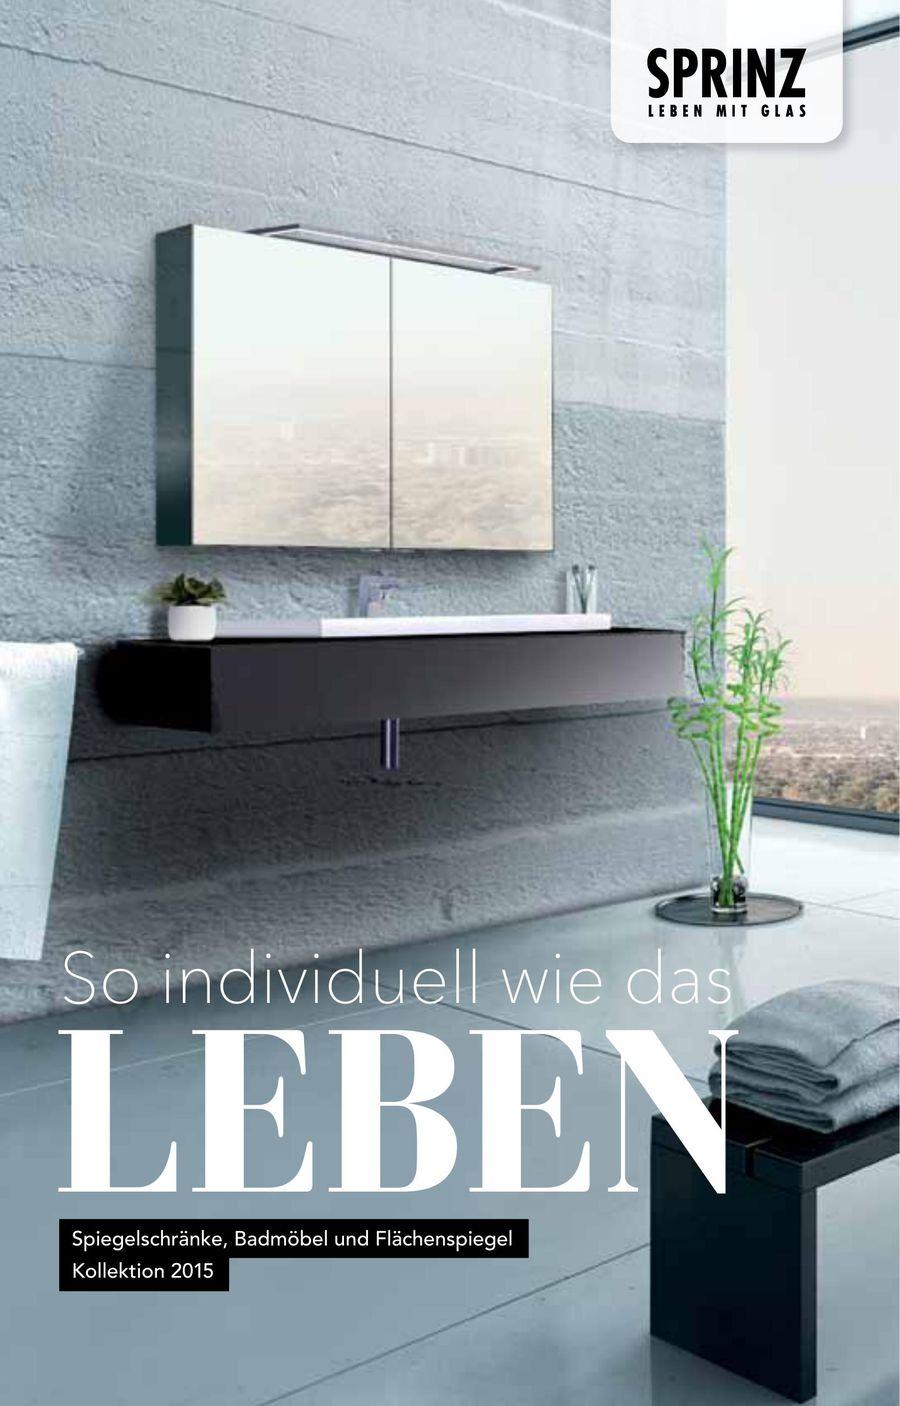 Reuter Badmöbel sprinz spiegelschränke reuter onlineshop